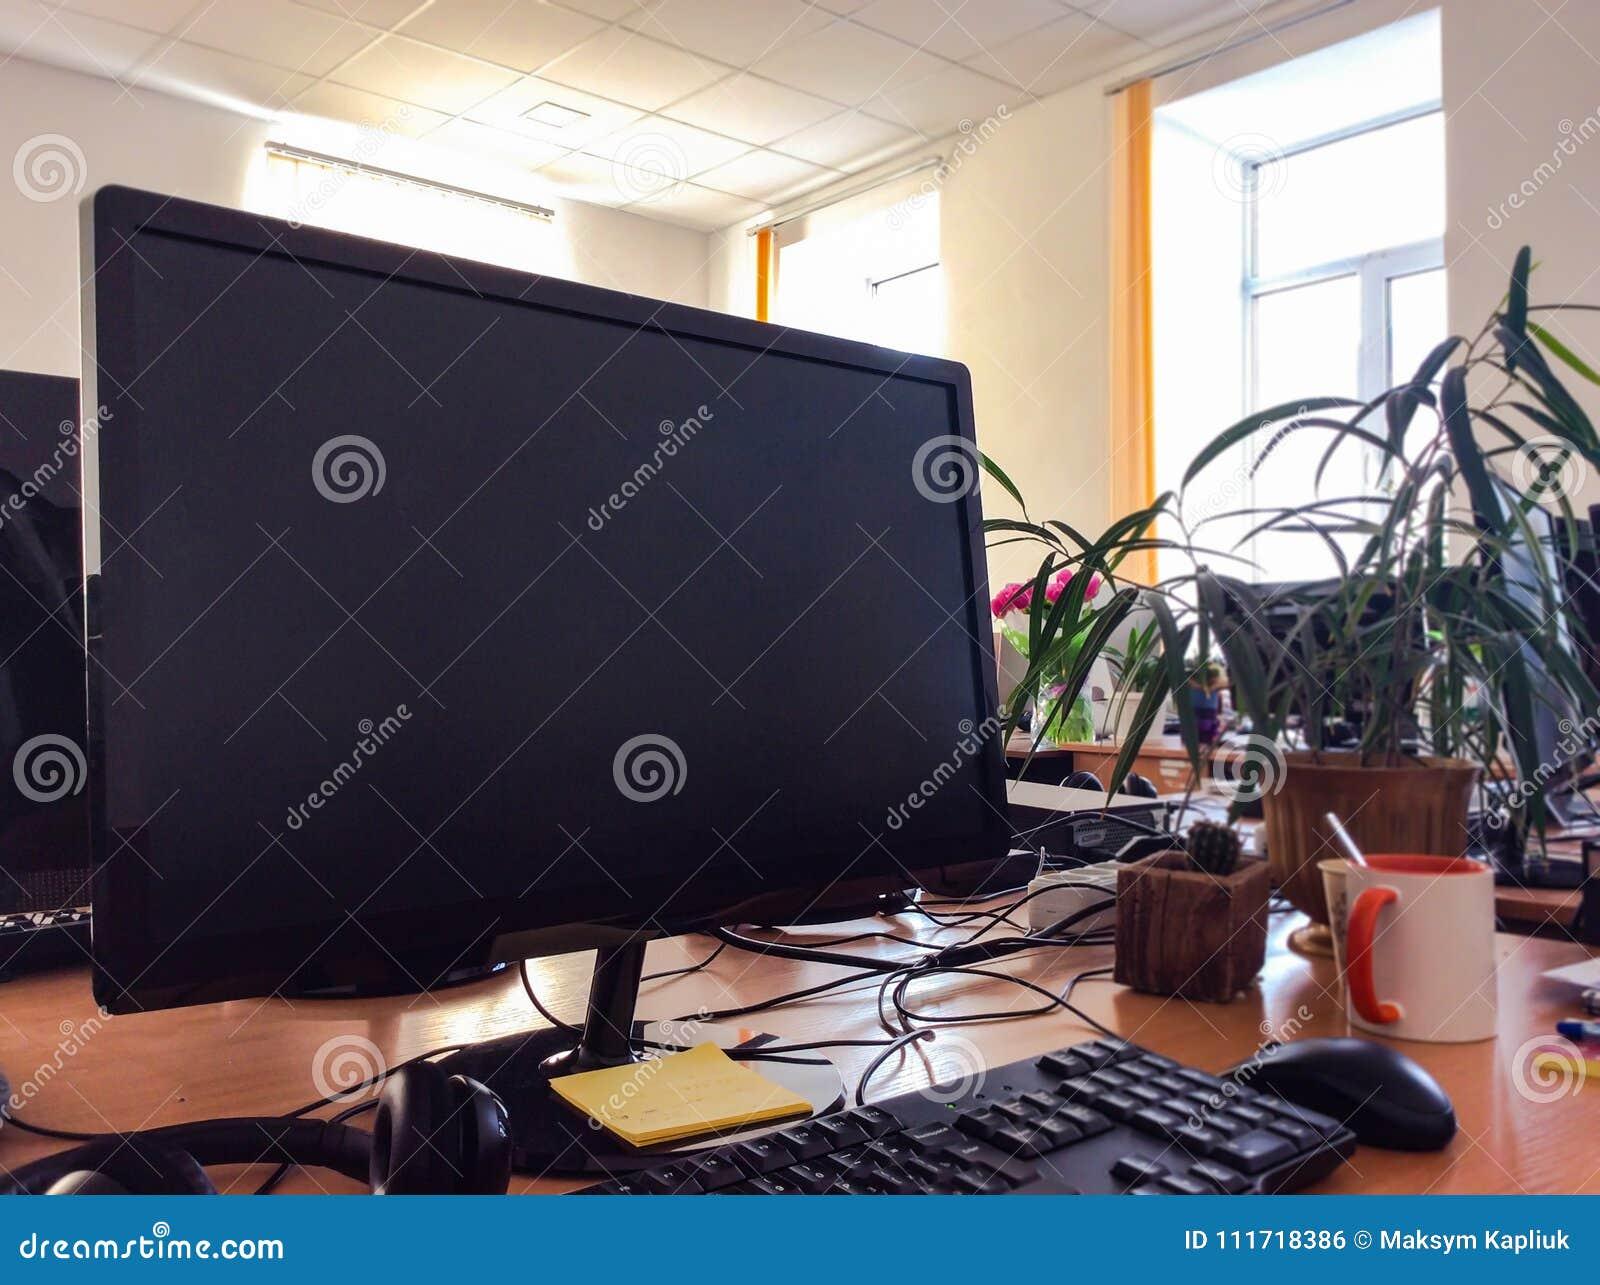 Monitor mit Tastatur auf Holztisch mit Tasse Kaffee und gre